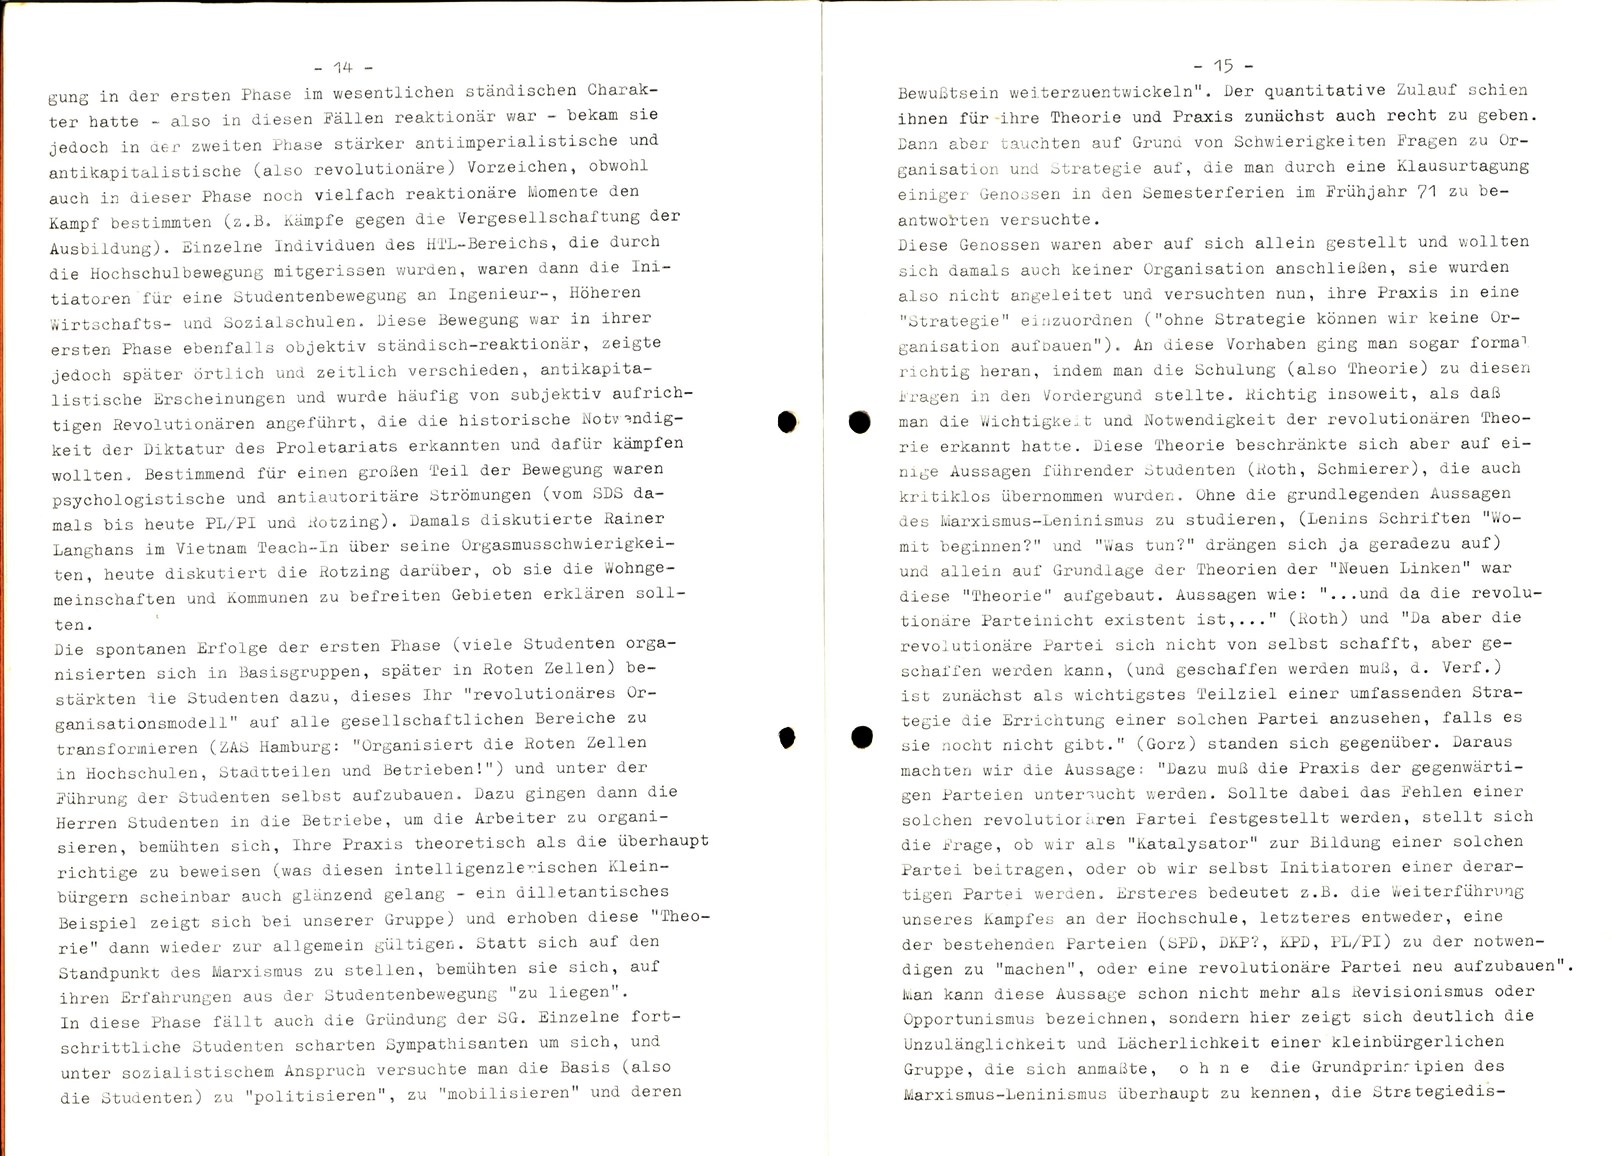 Aachen_KSBML_1971_Selbstkritik_09